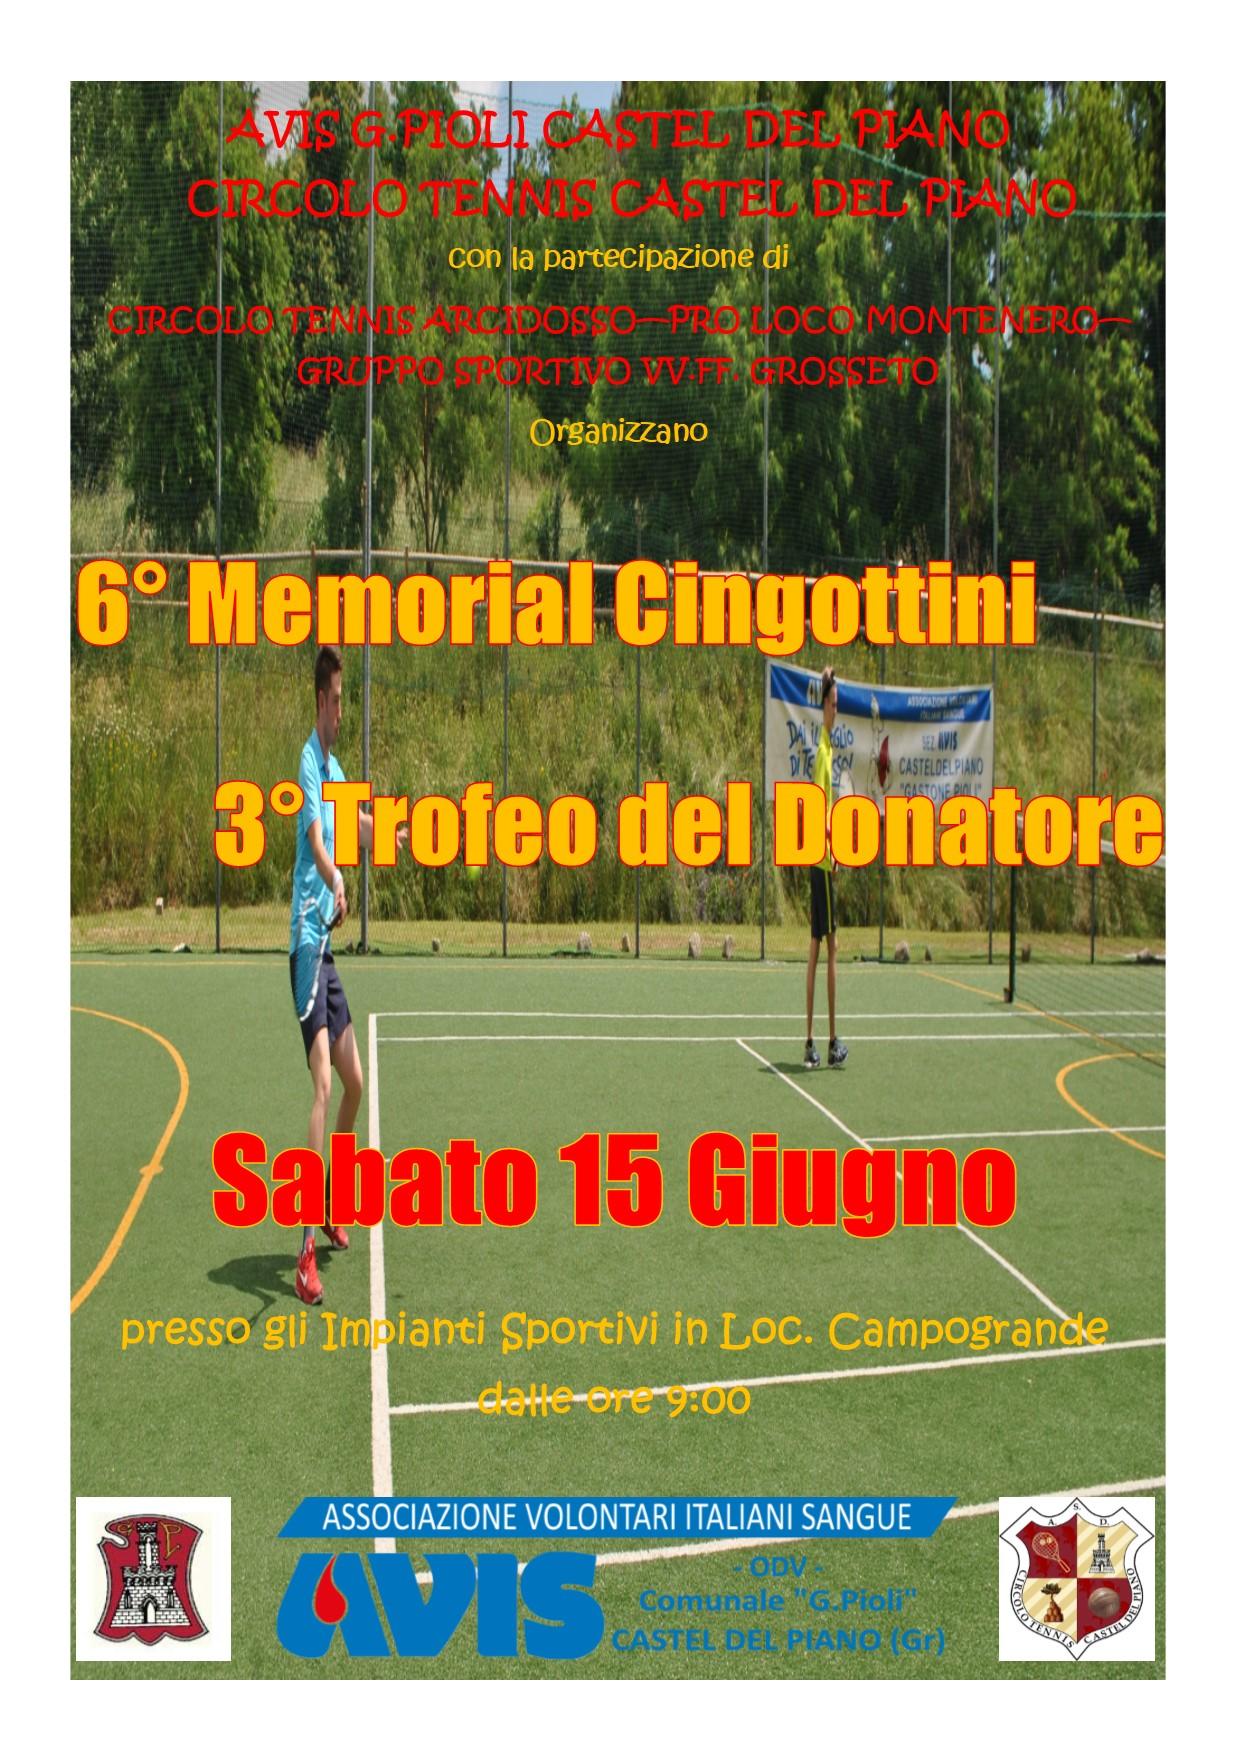 Memorial Cingottini 2019